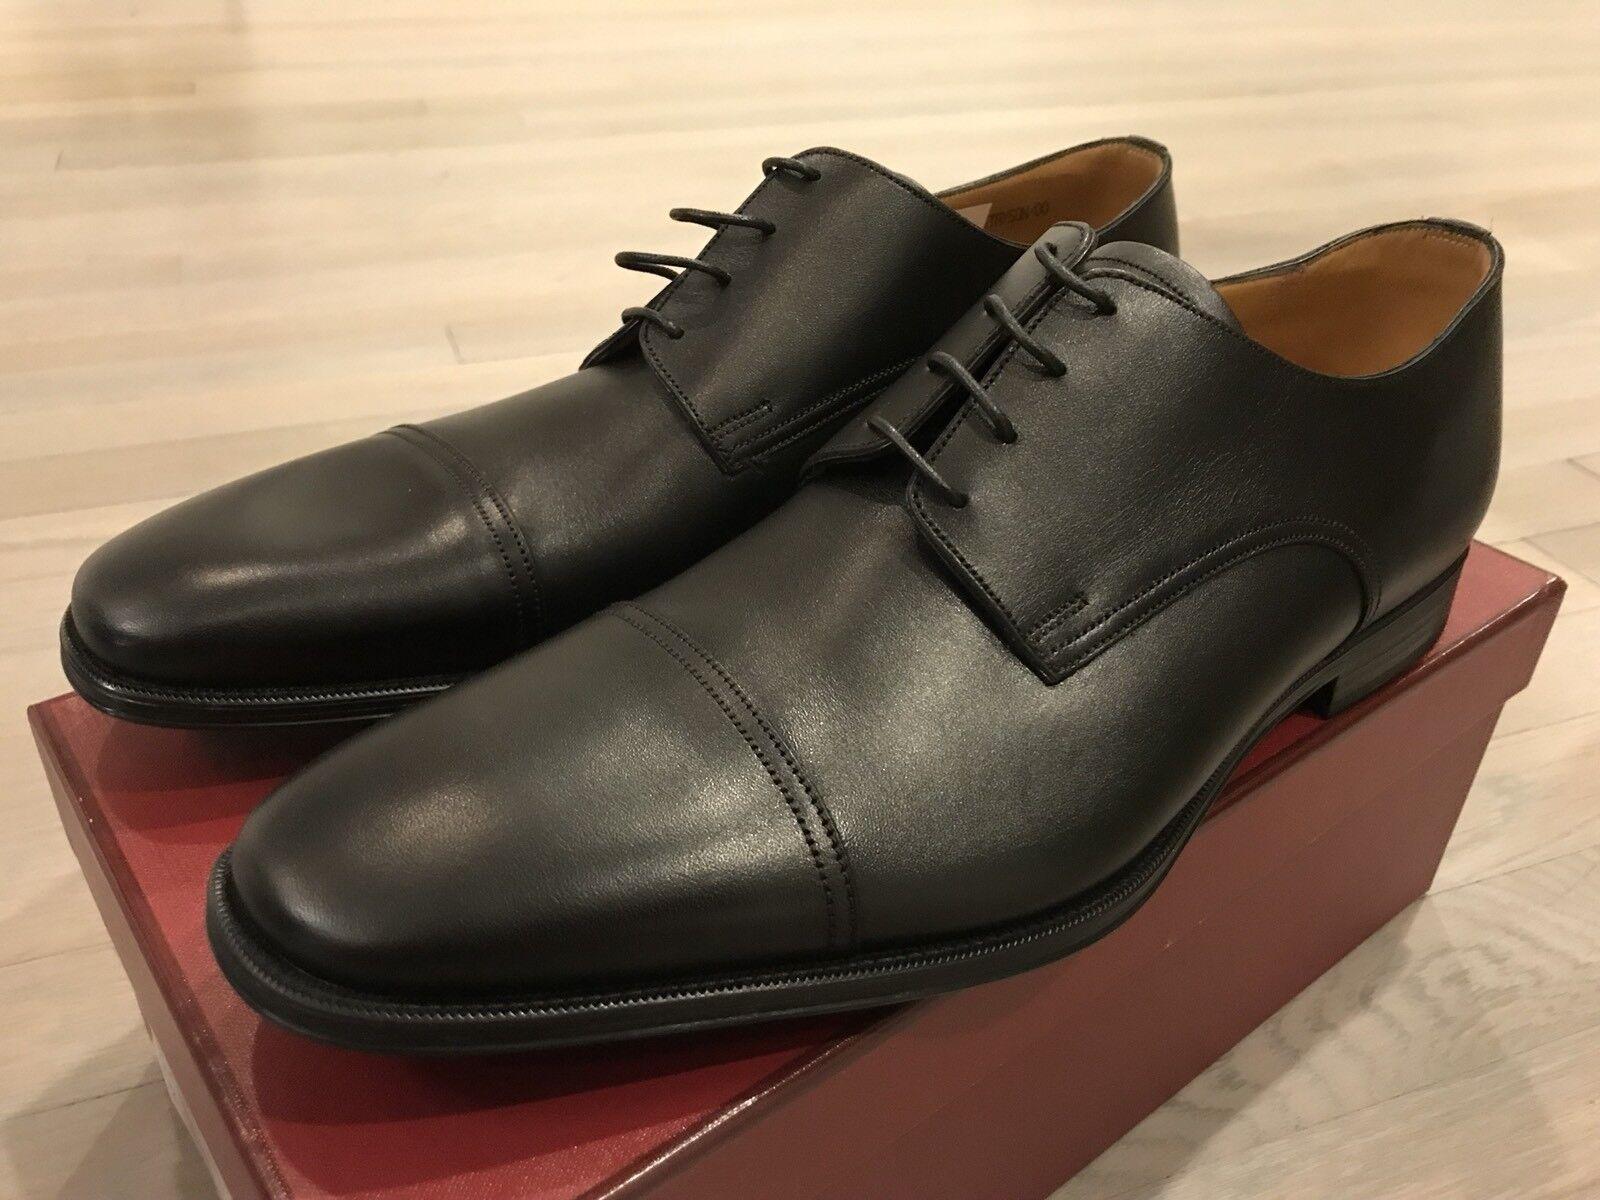 600   Bally Tayson Negro Llano Cordones Zapatos de EE. UU. hecho En Suiza